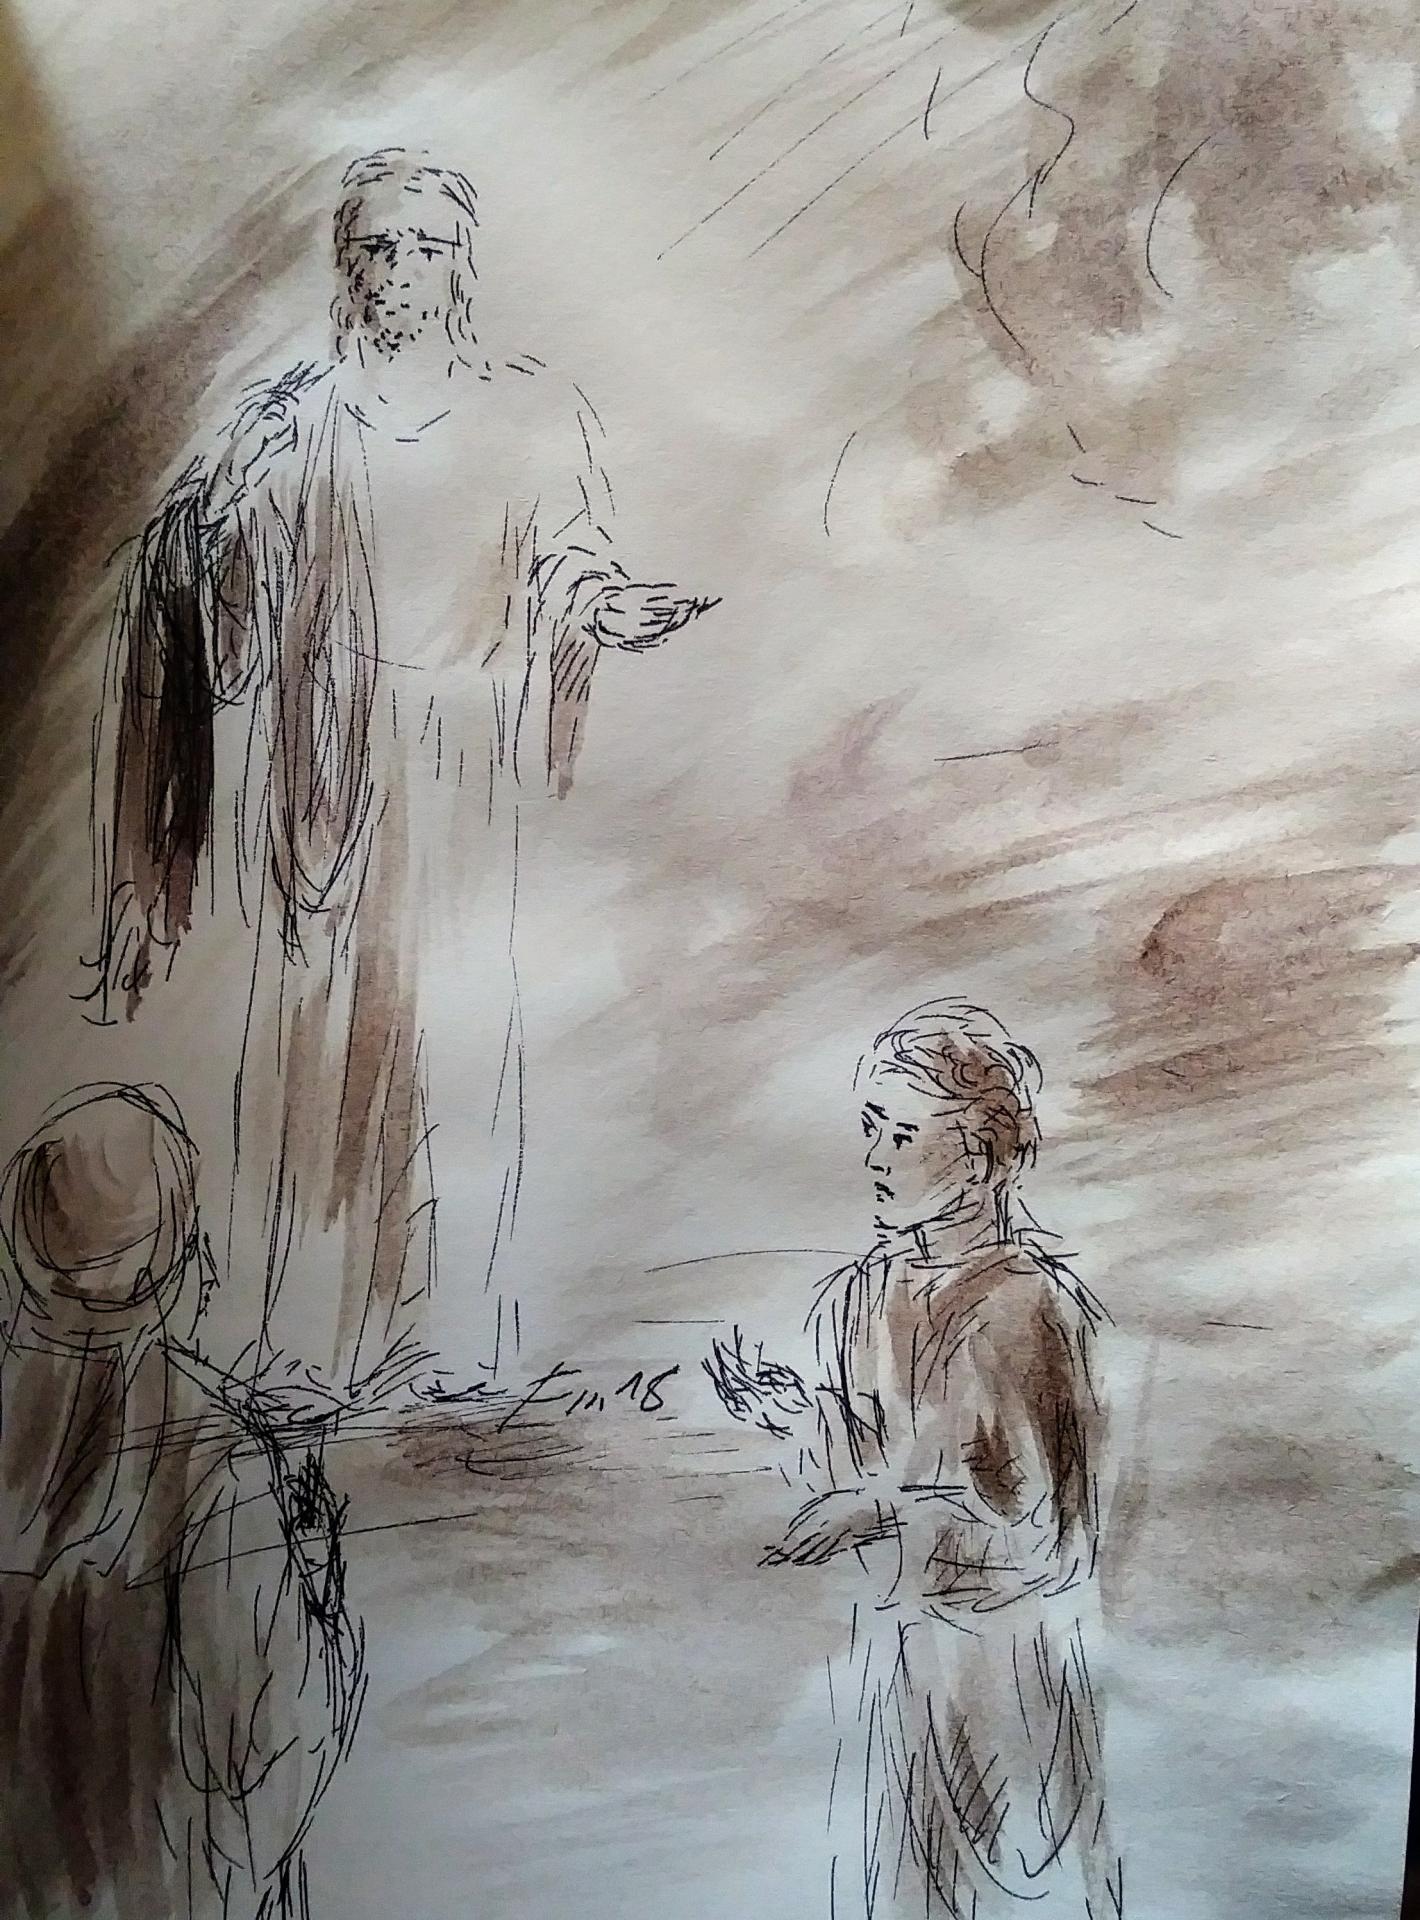 21 Mars, évangile du jour illustré